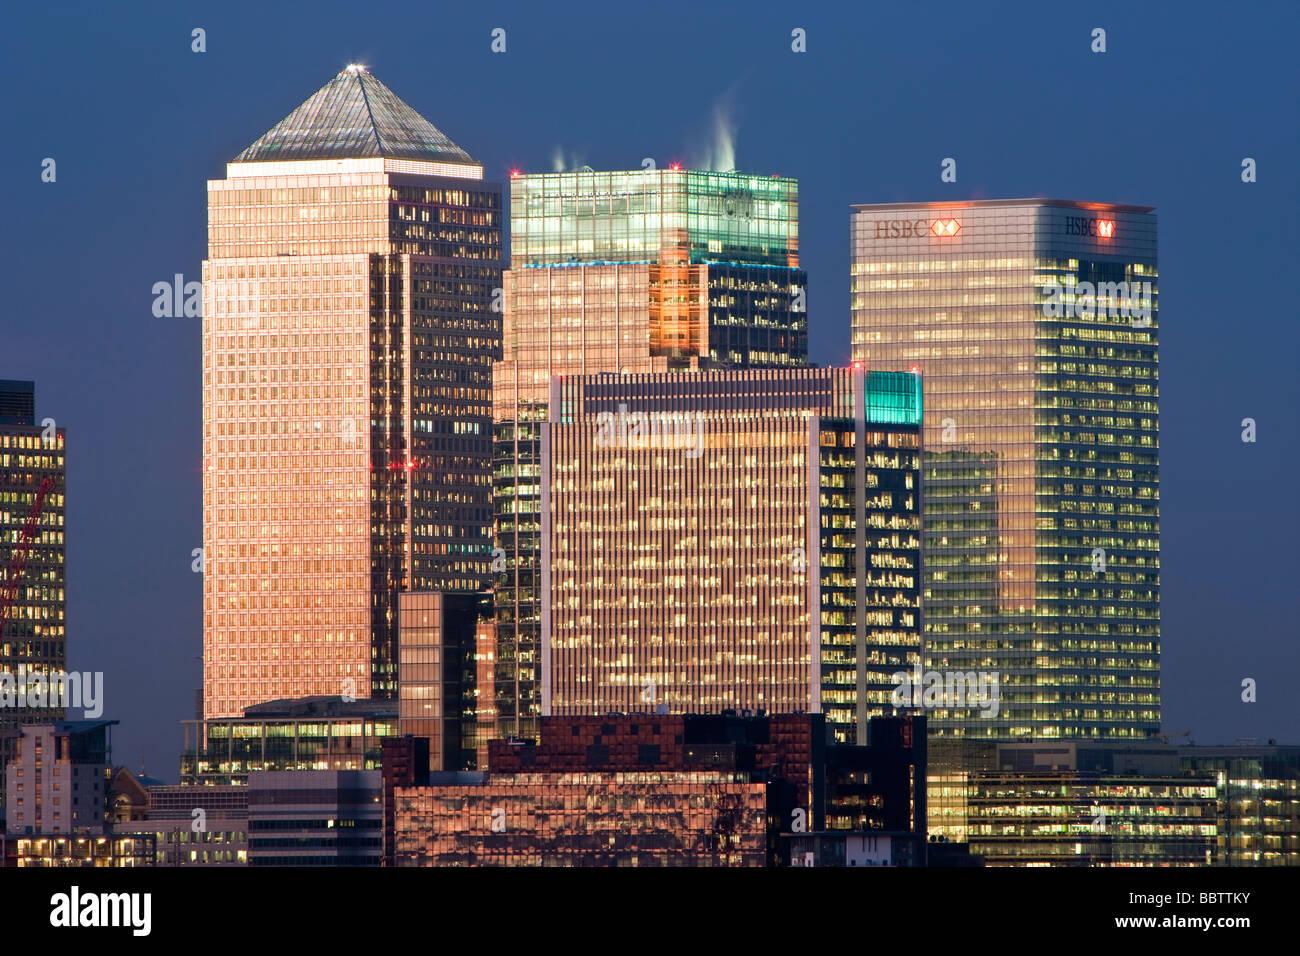 Bankgebäude in das Finanzzentrum Canary Wharf London England Großbritannien Stockbild